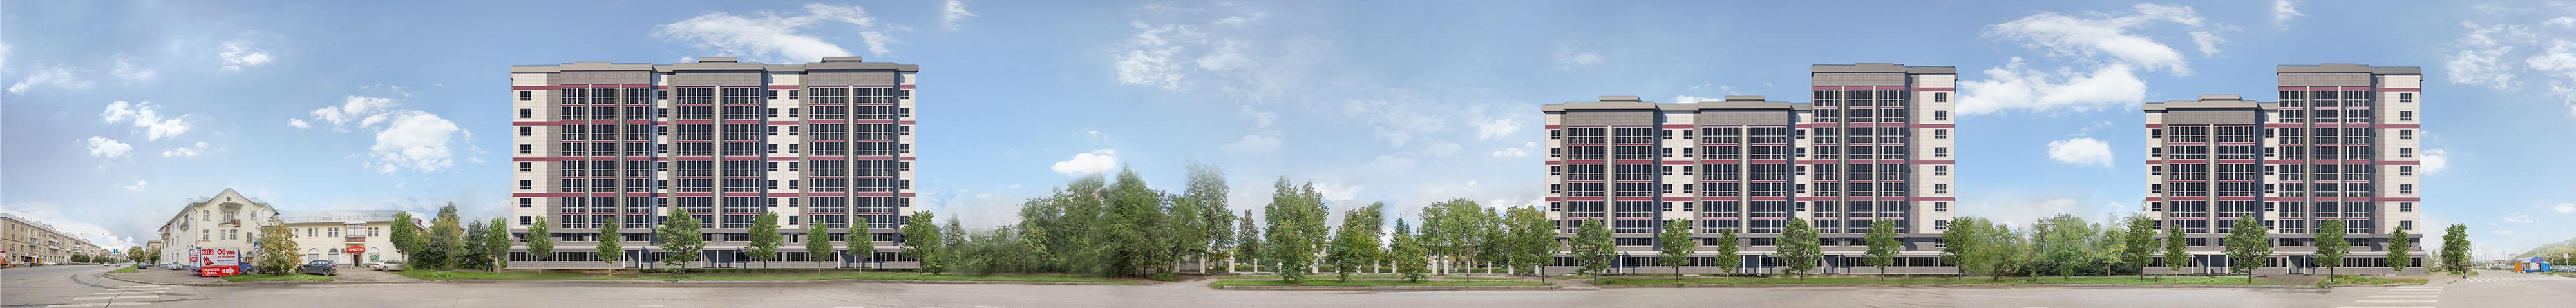 Развёртка жилого комплекса по улице